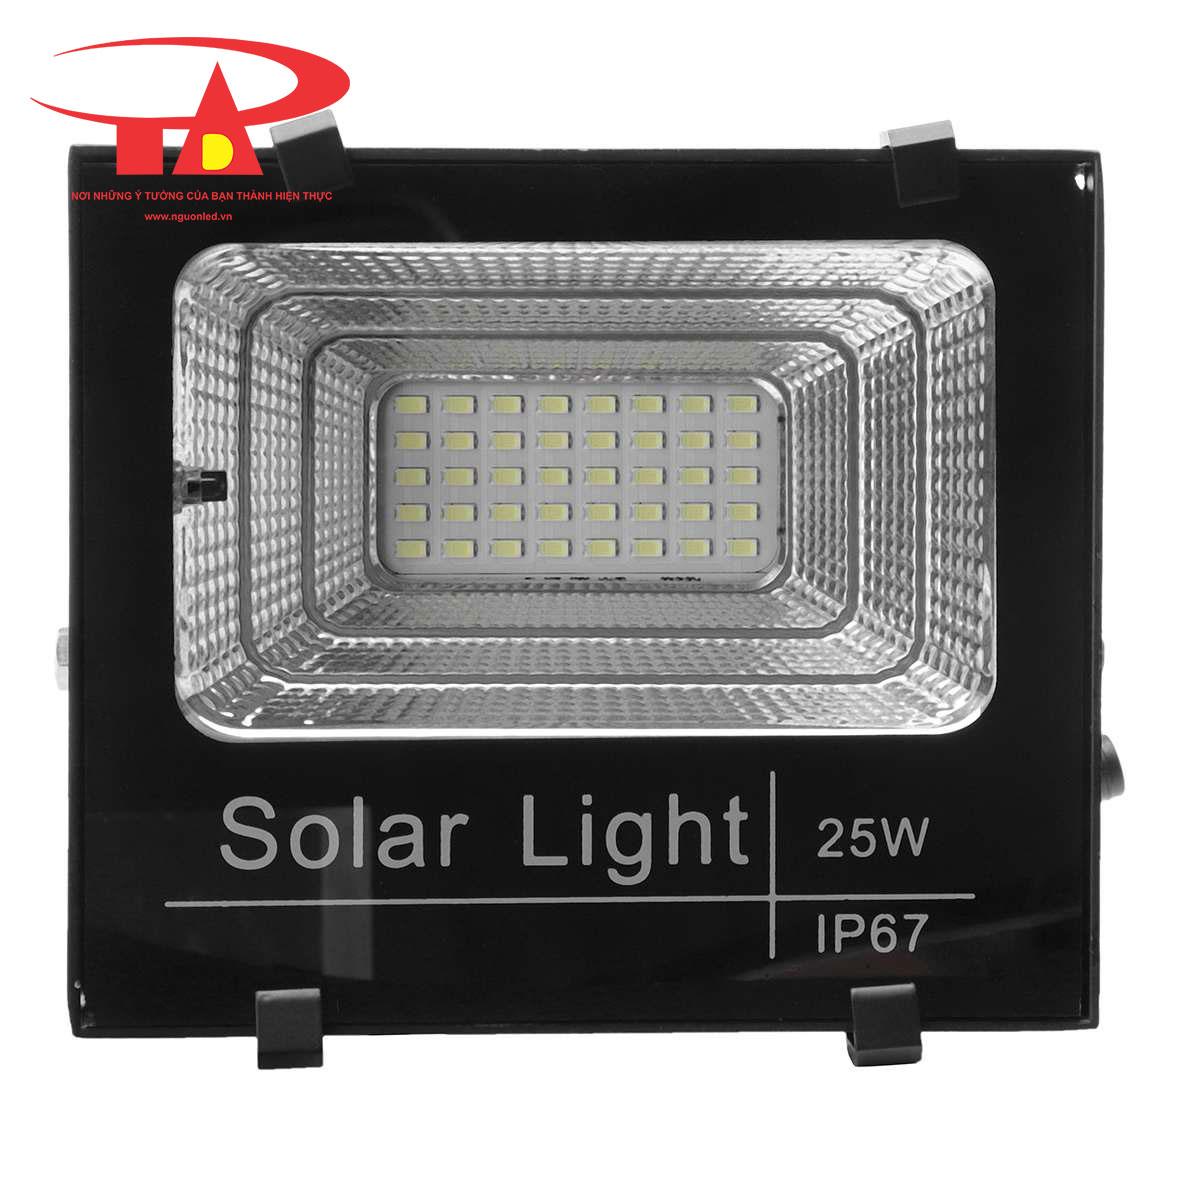 đèn pha led năng lượng mặt trời 25w chiết khấu cao, giá rẻ